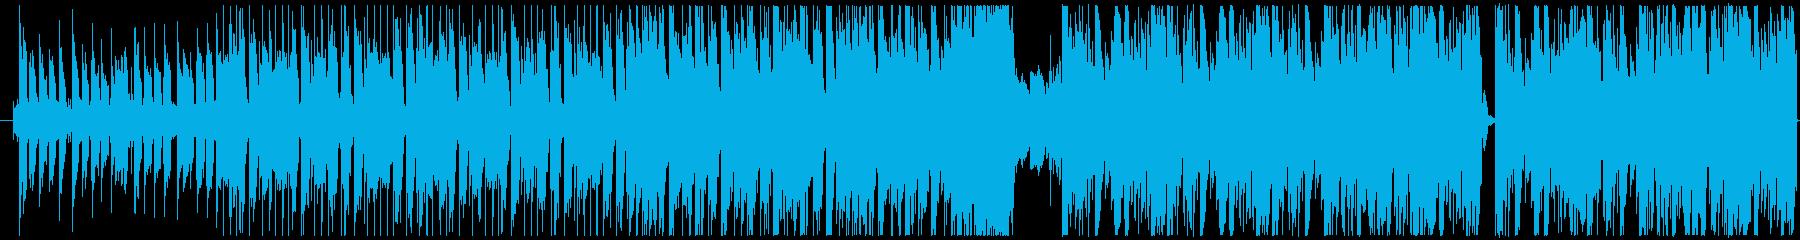 ハウスからダブステップに移行 EDMの再生済みの波形